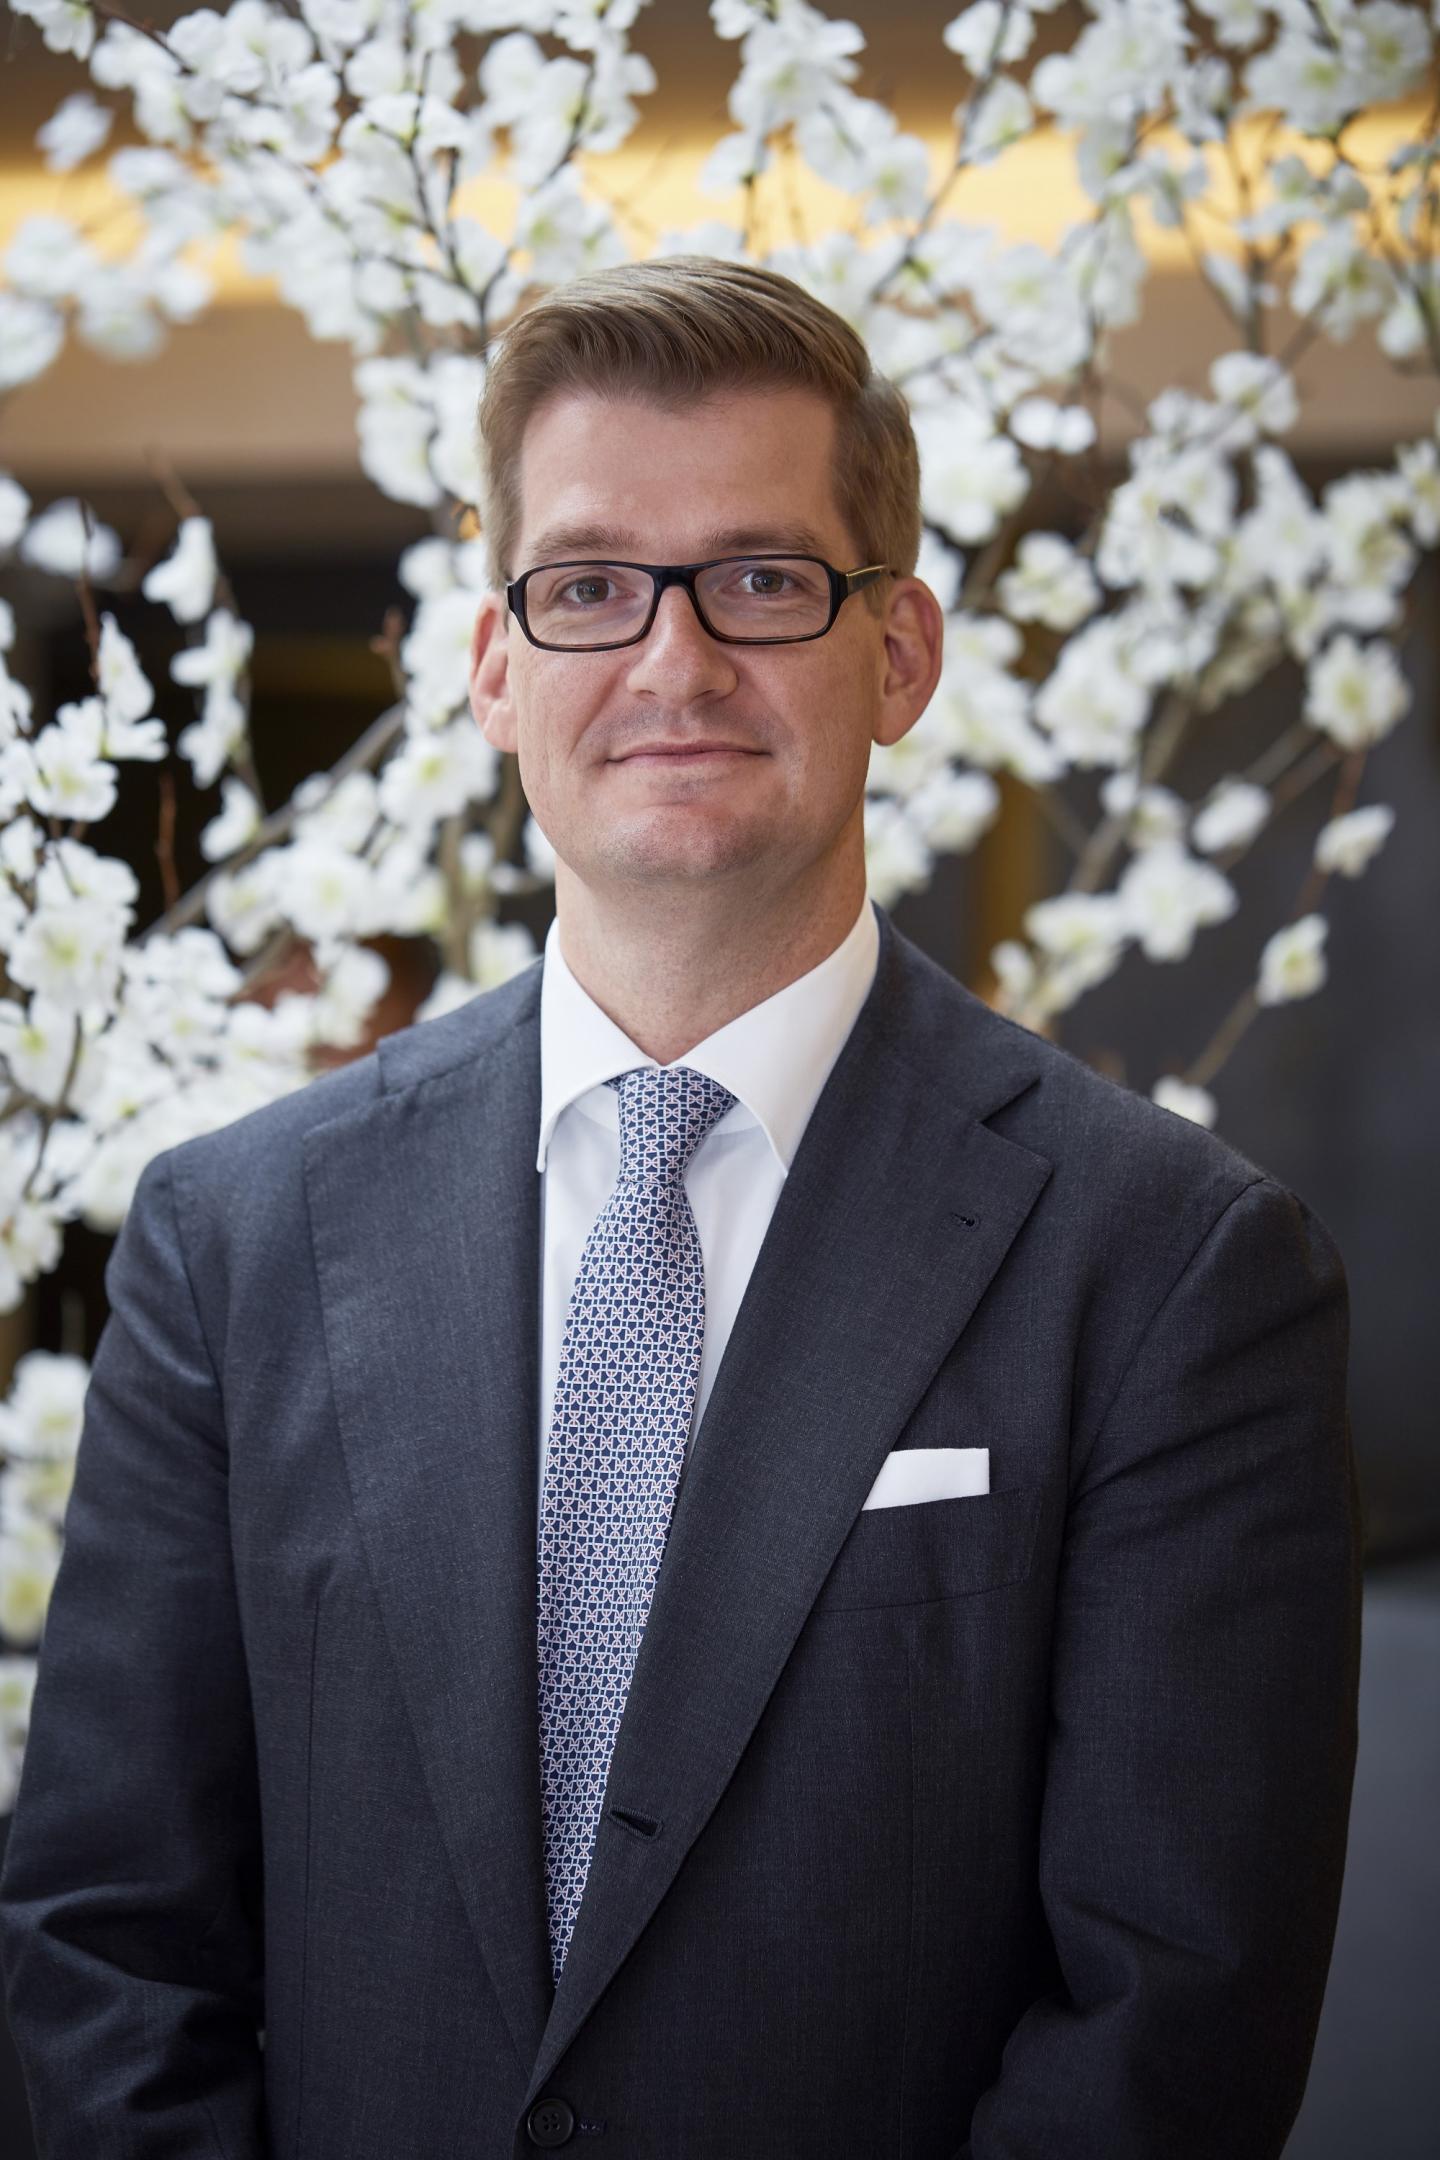 Generalmanager Maximilian von Reden im Porträt im Luxushotel Bern